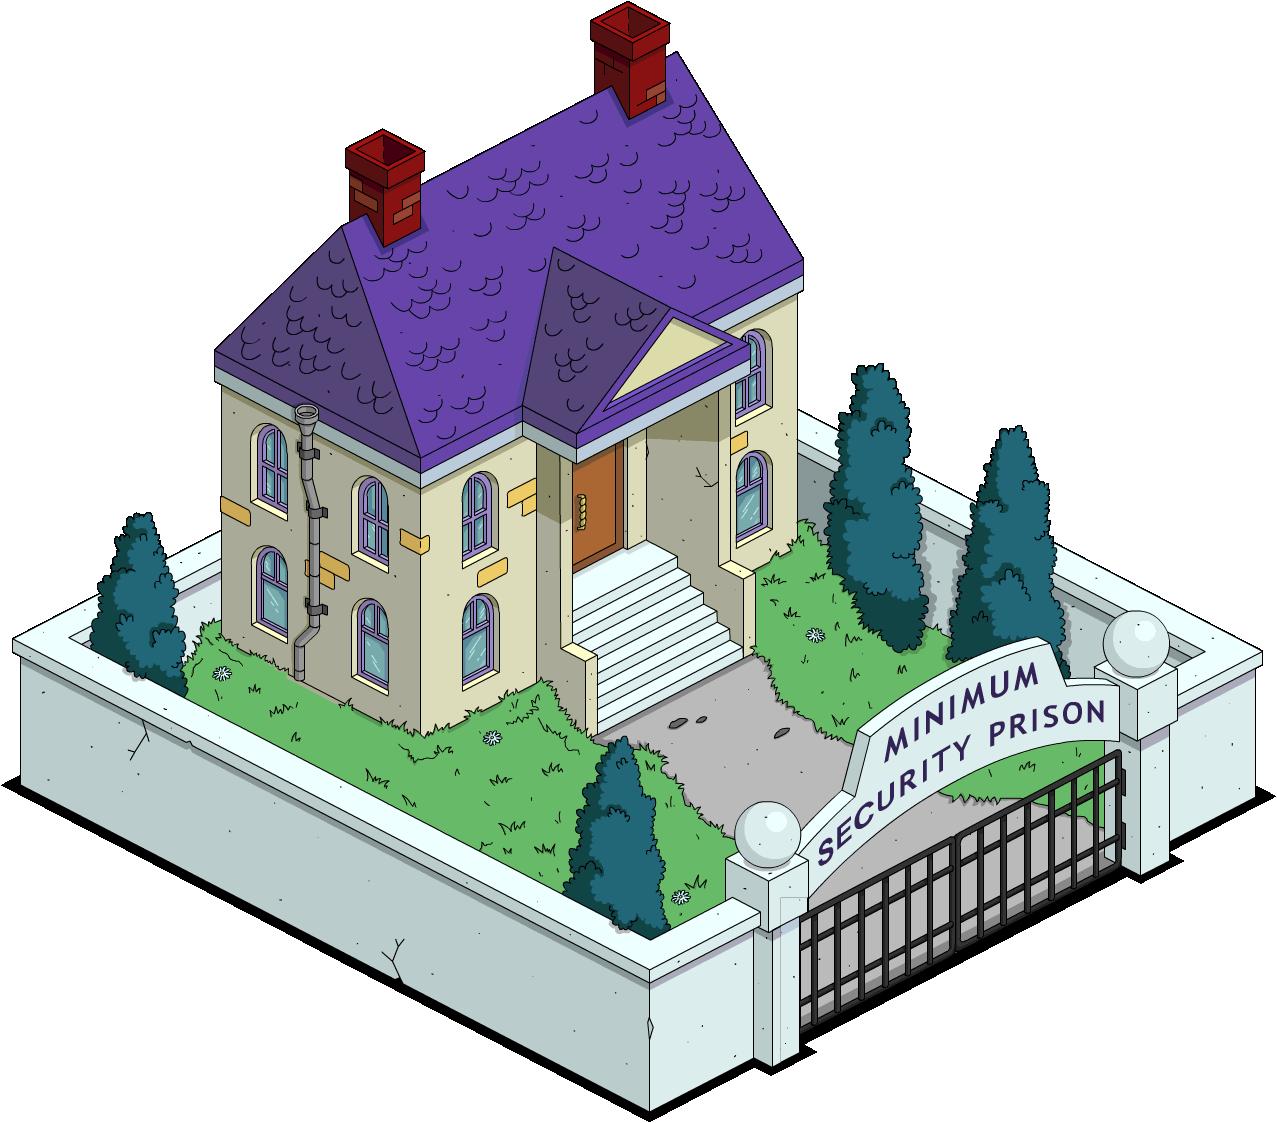 Prison de sécurité minimale